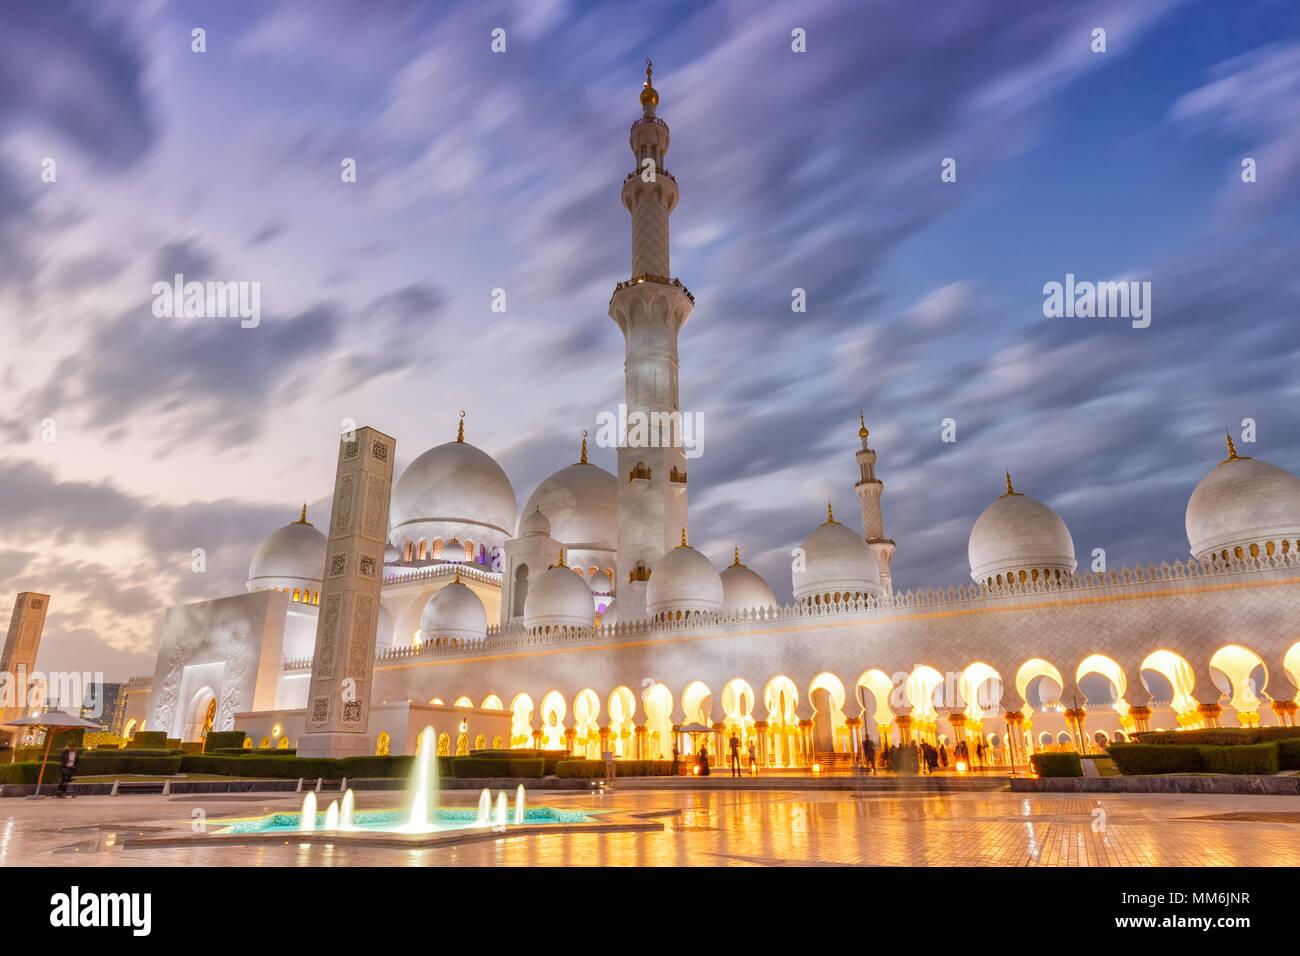 Abu Dhabi Sheikh Zayed Moschee twilight Minarett Vereinigte Arabische Emirate VAE Stockbild